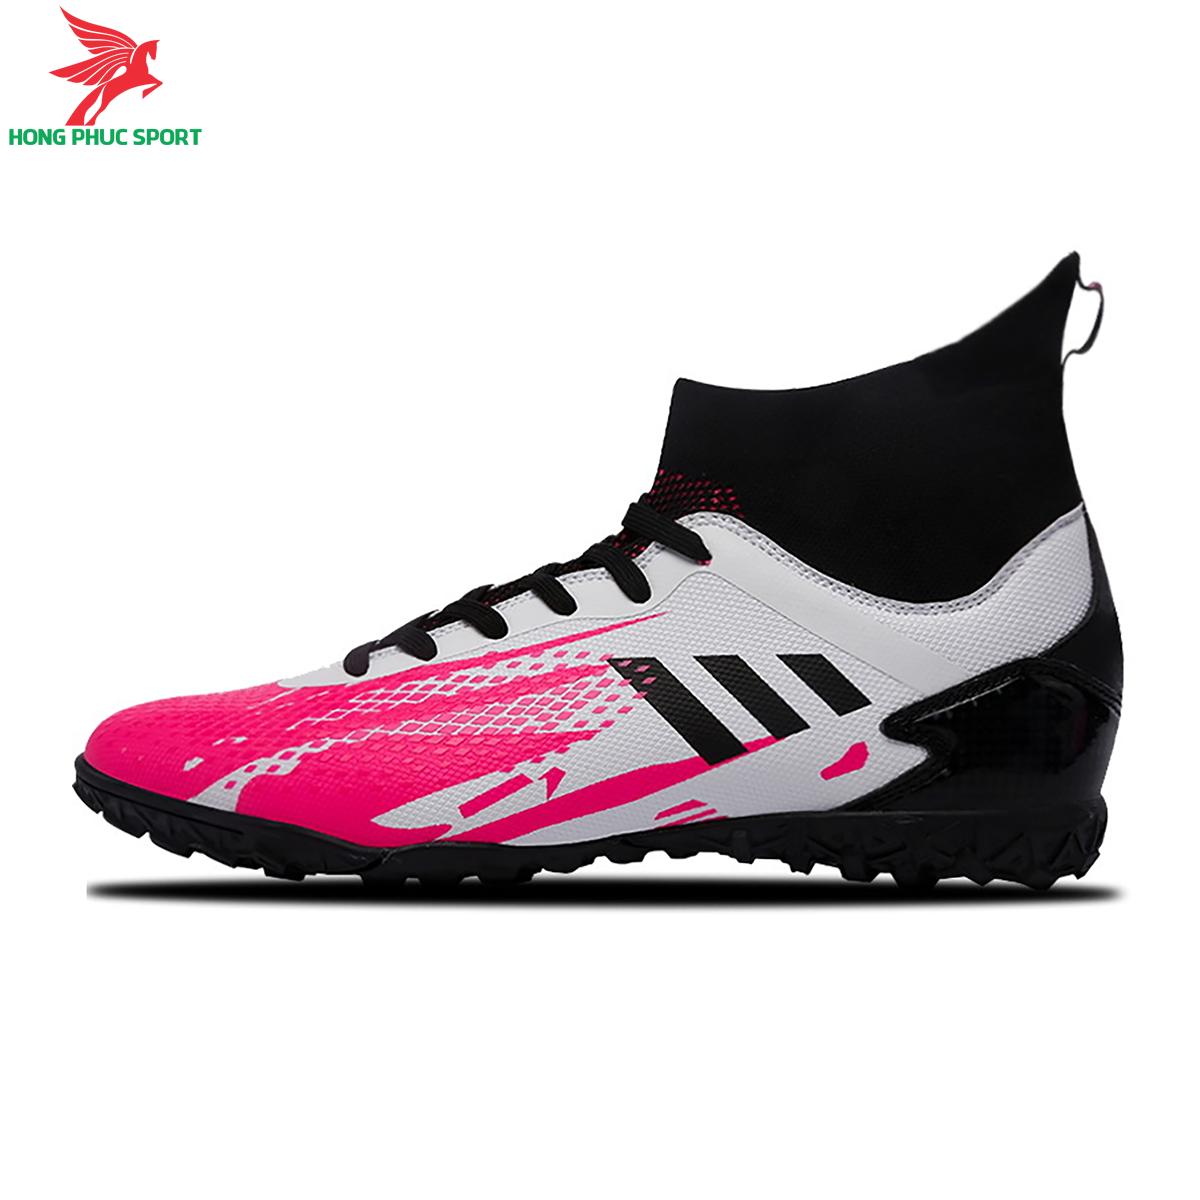 Giày đá banh cổ cao Predator 20.3 TF màu trắng hồng